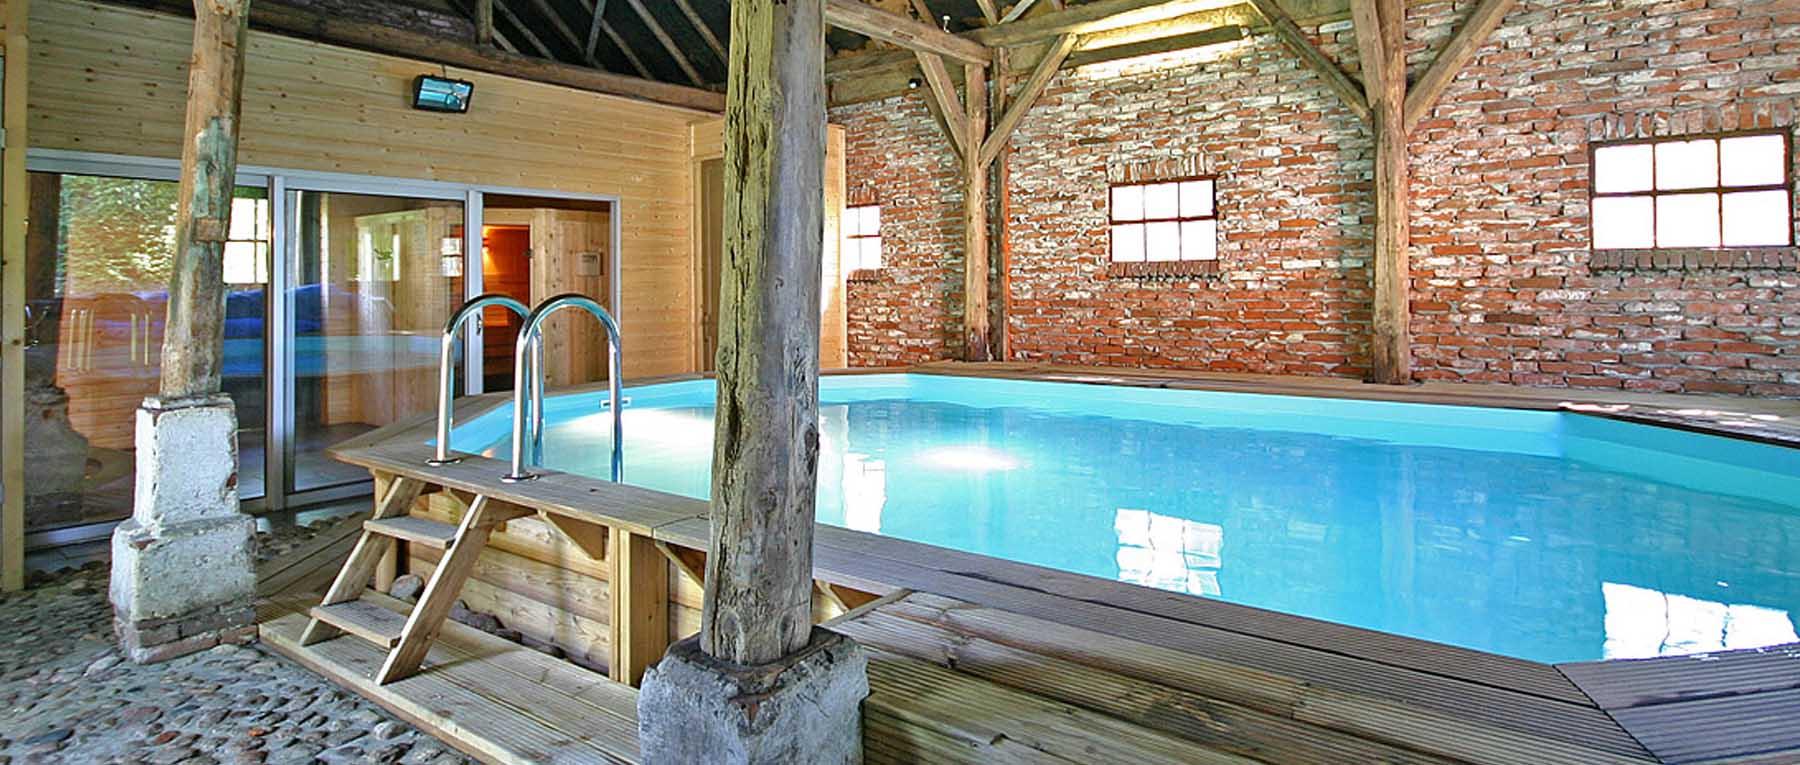 Opzetbaden en houten zwembaden van kuik zwembaden for Opzet zwembad rechthoek